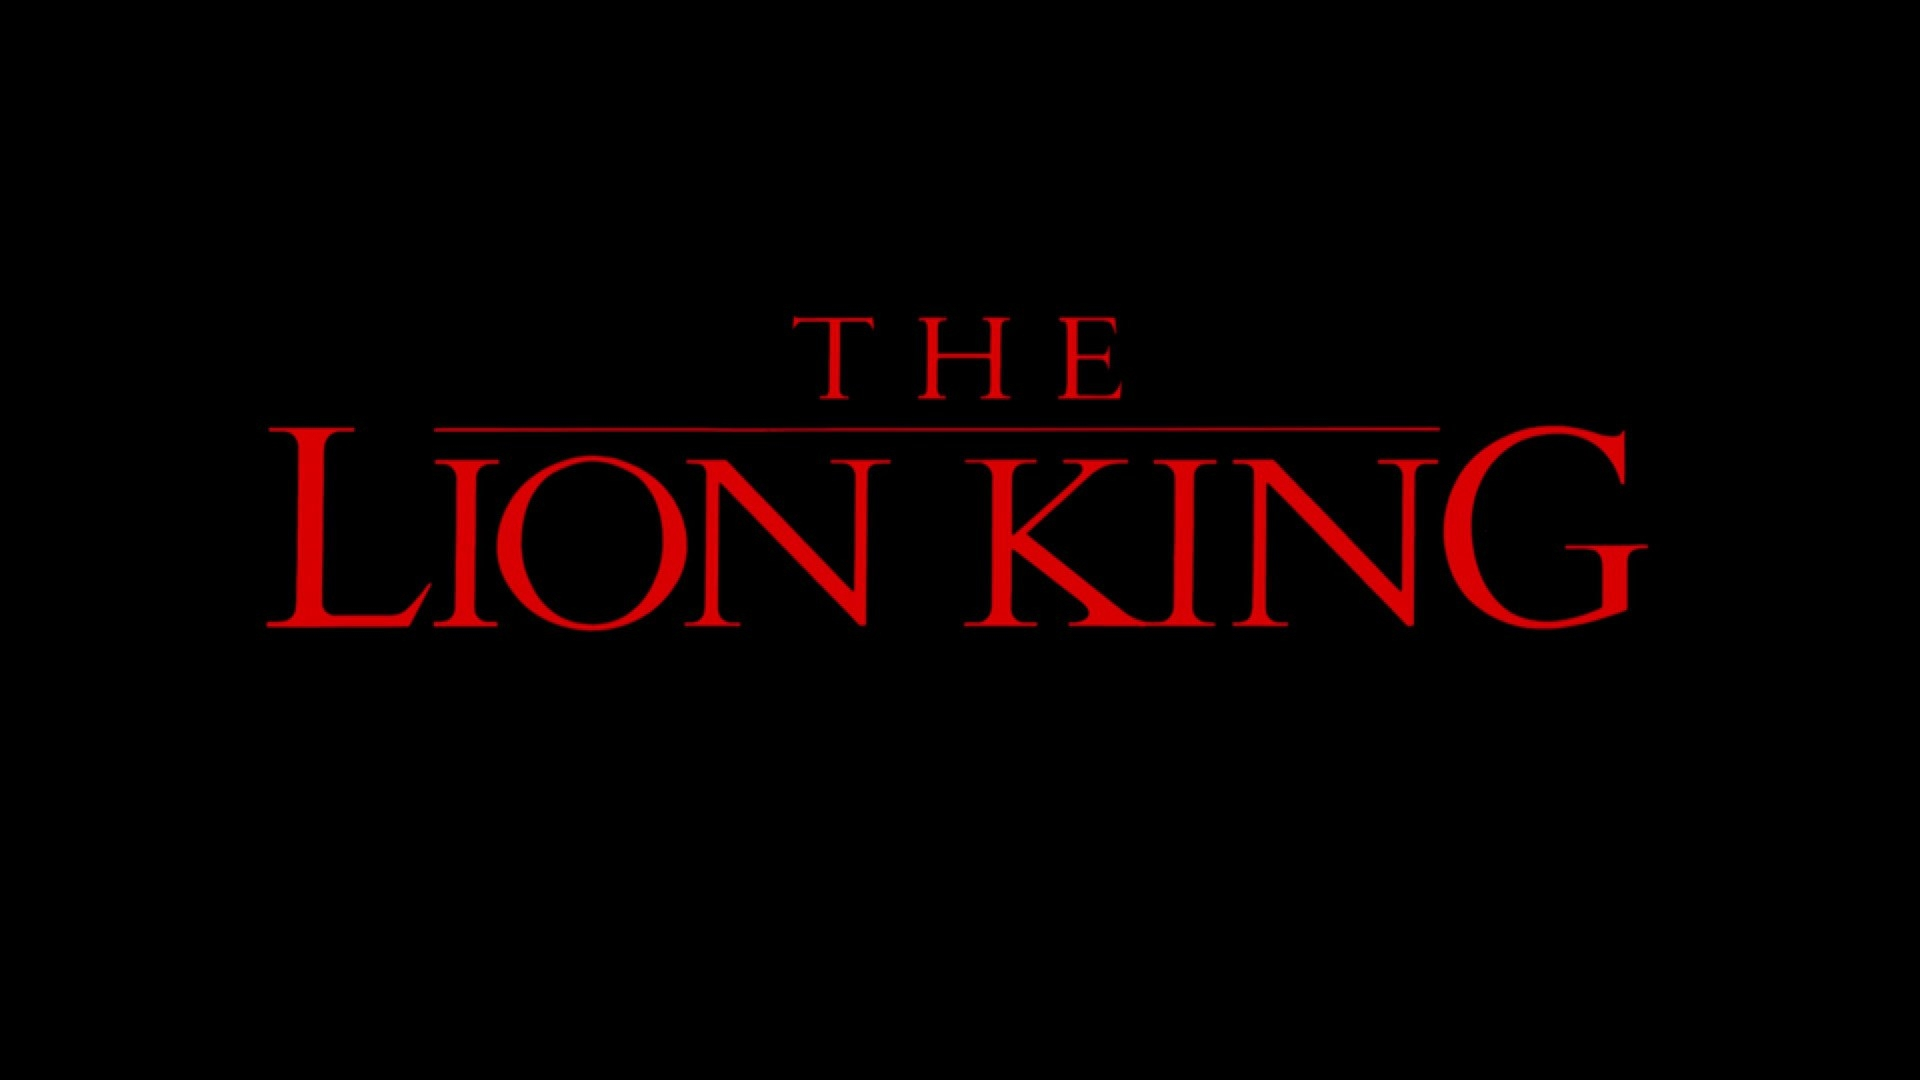 Simbaladdin (Der König der Löwen) (@ossurskarphedinsson) Cover Image